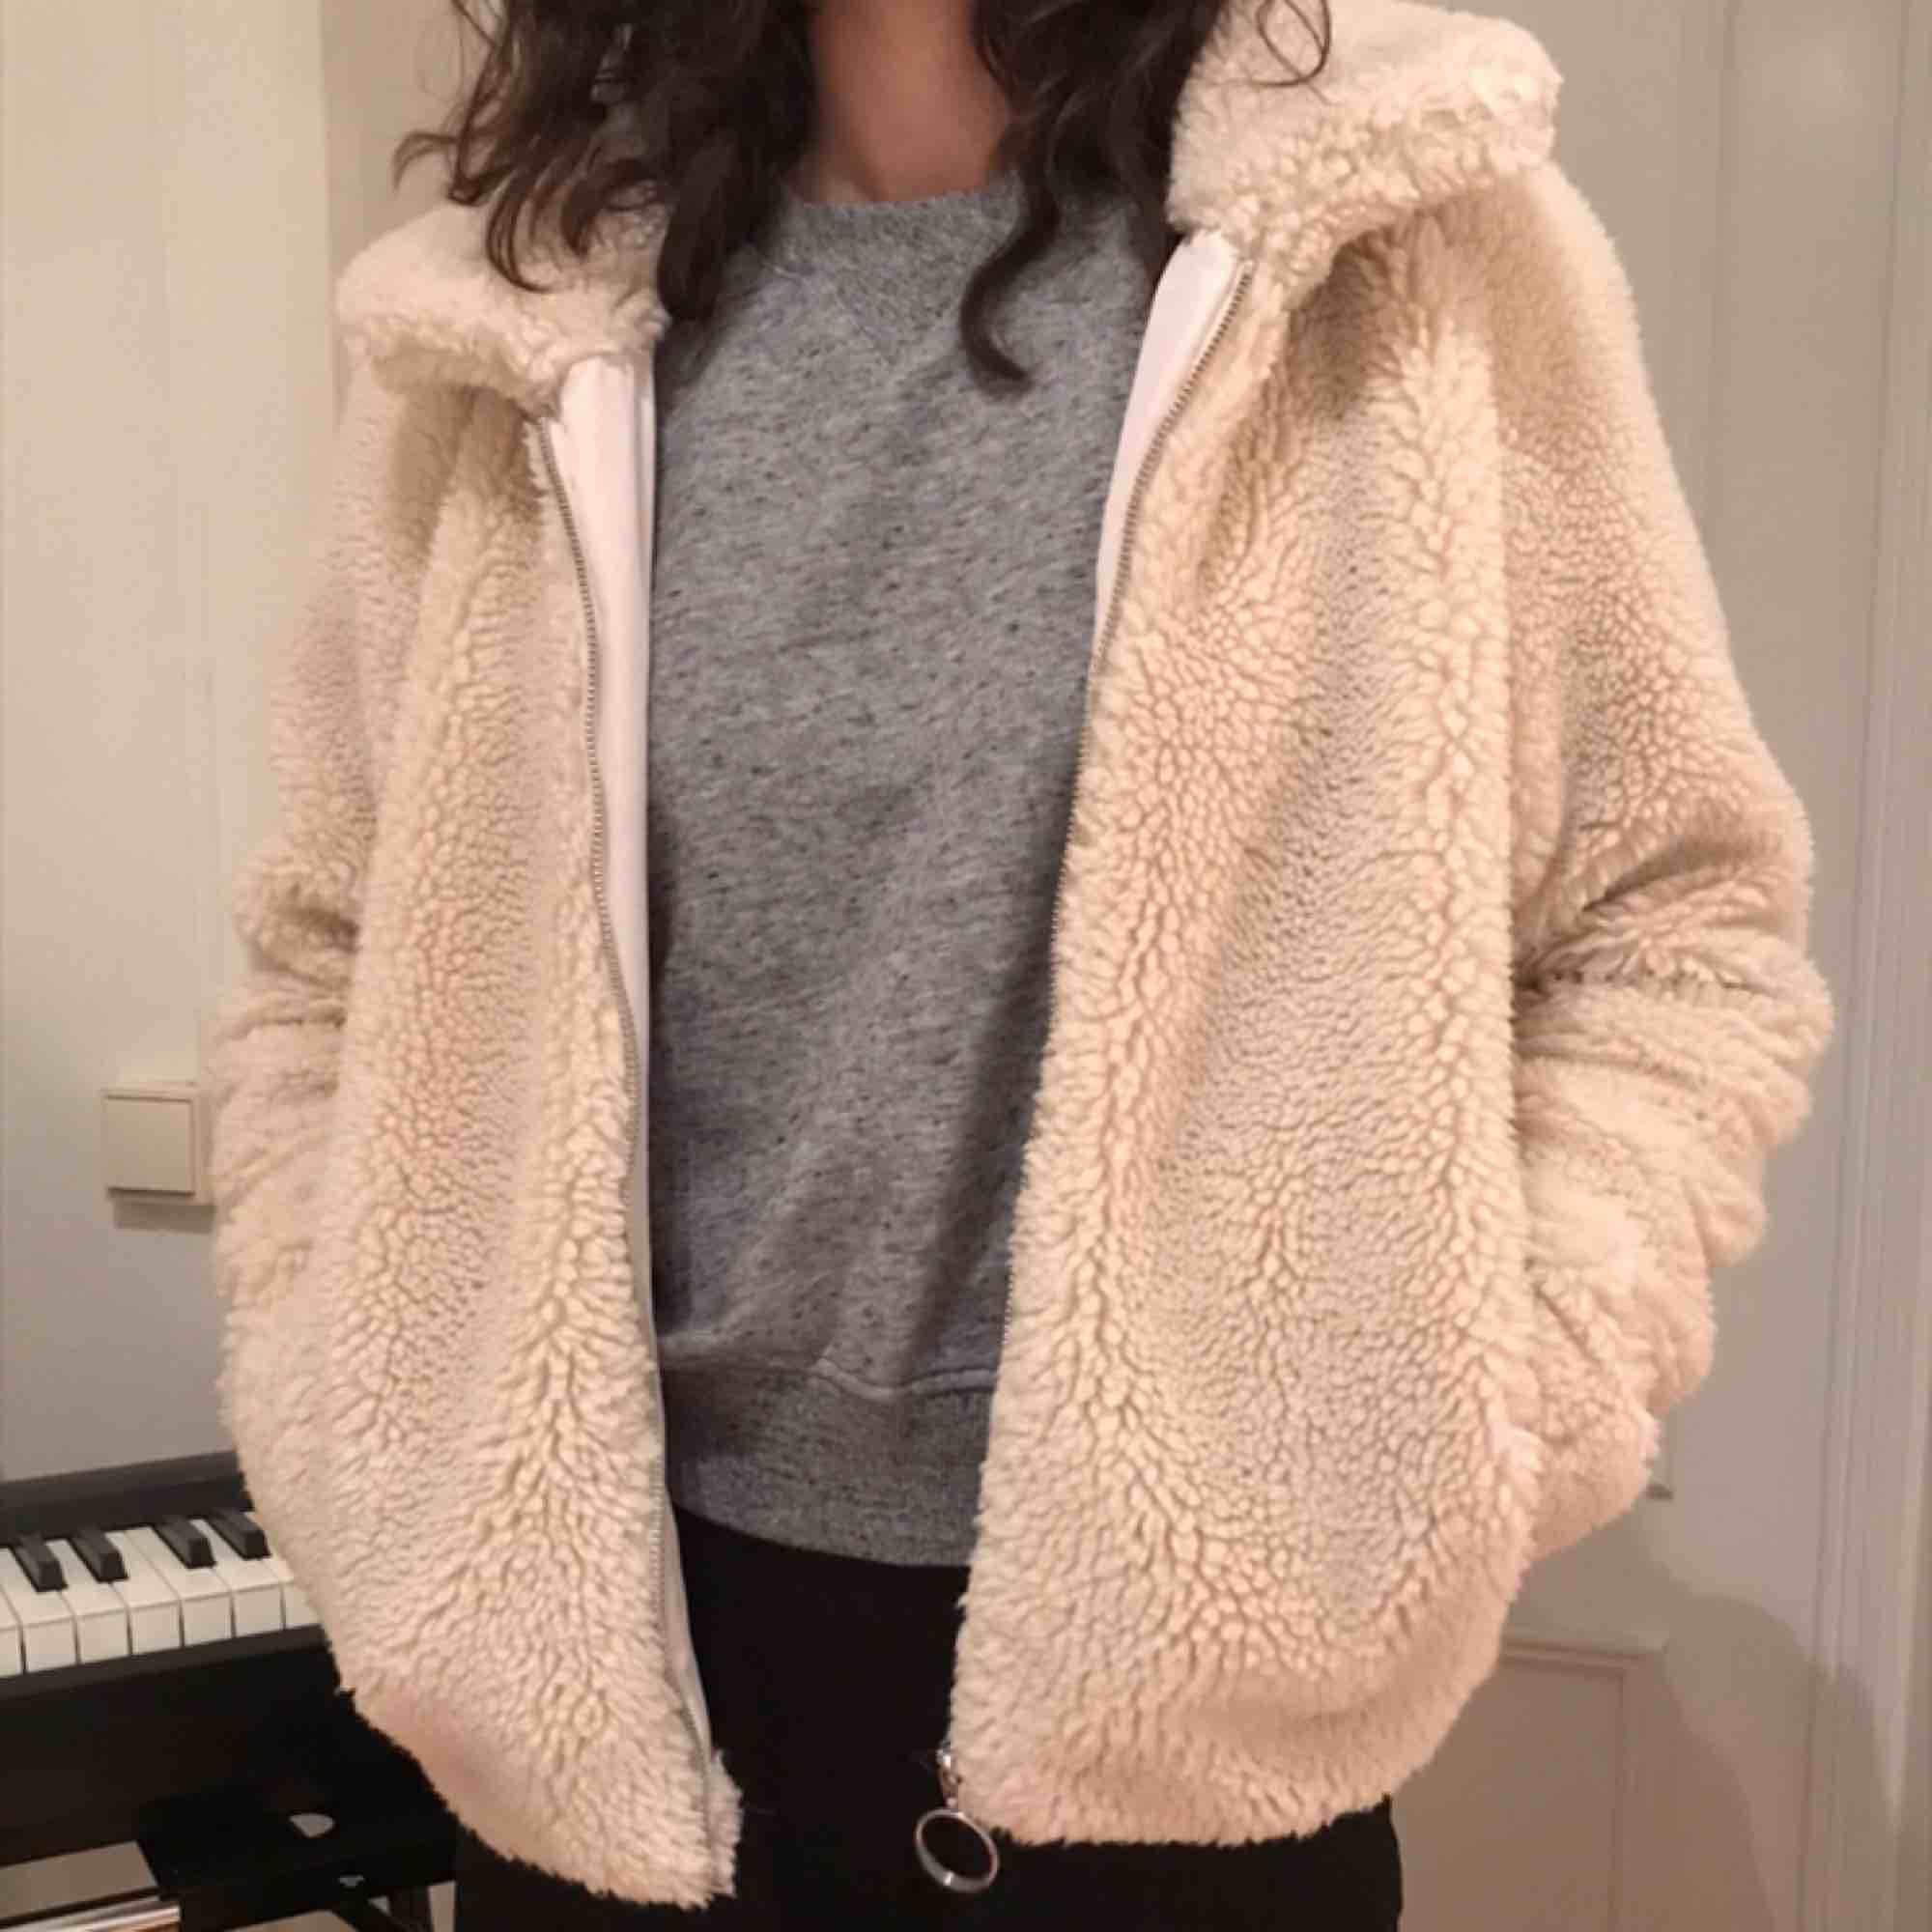 Söt teddy jacka från H&M, Nypris 600kr. Den har lite fläckar men ska tvätta den innan. Väldigt varm och bra inför vintern. Jackor.